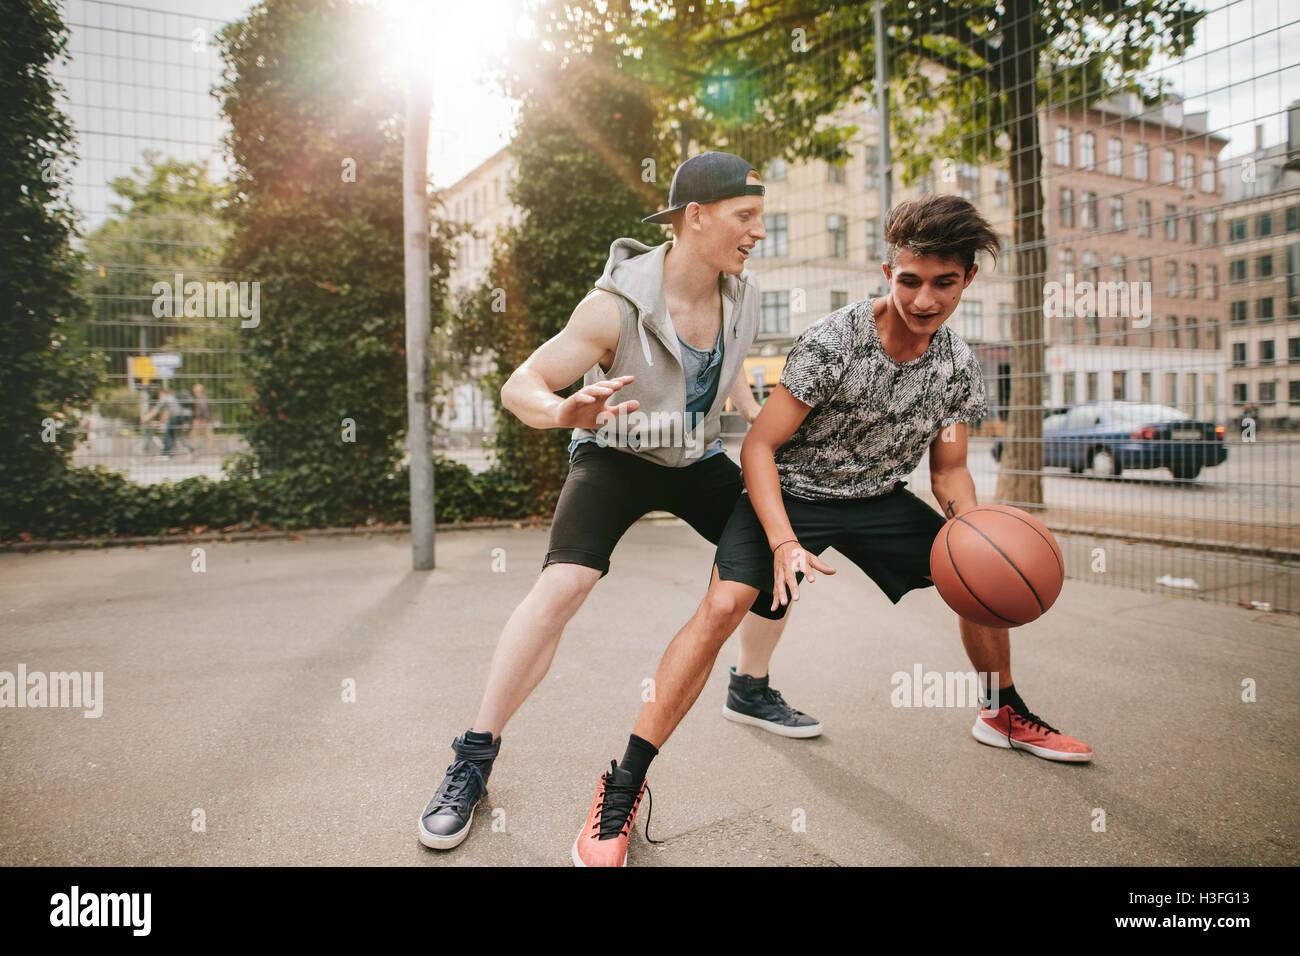 Adolescentes jugando baloncesto en la corte al aire libre y divertirse. Joven Amigo de baloncesto con regates de Imagen De Stock